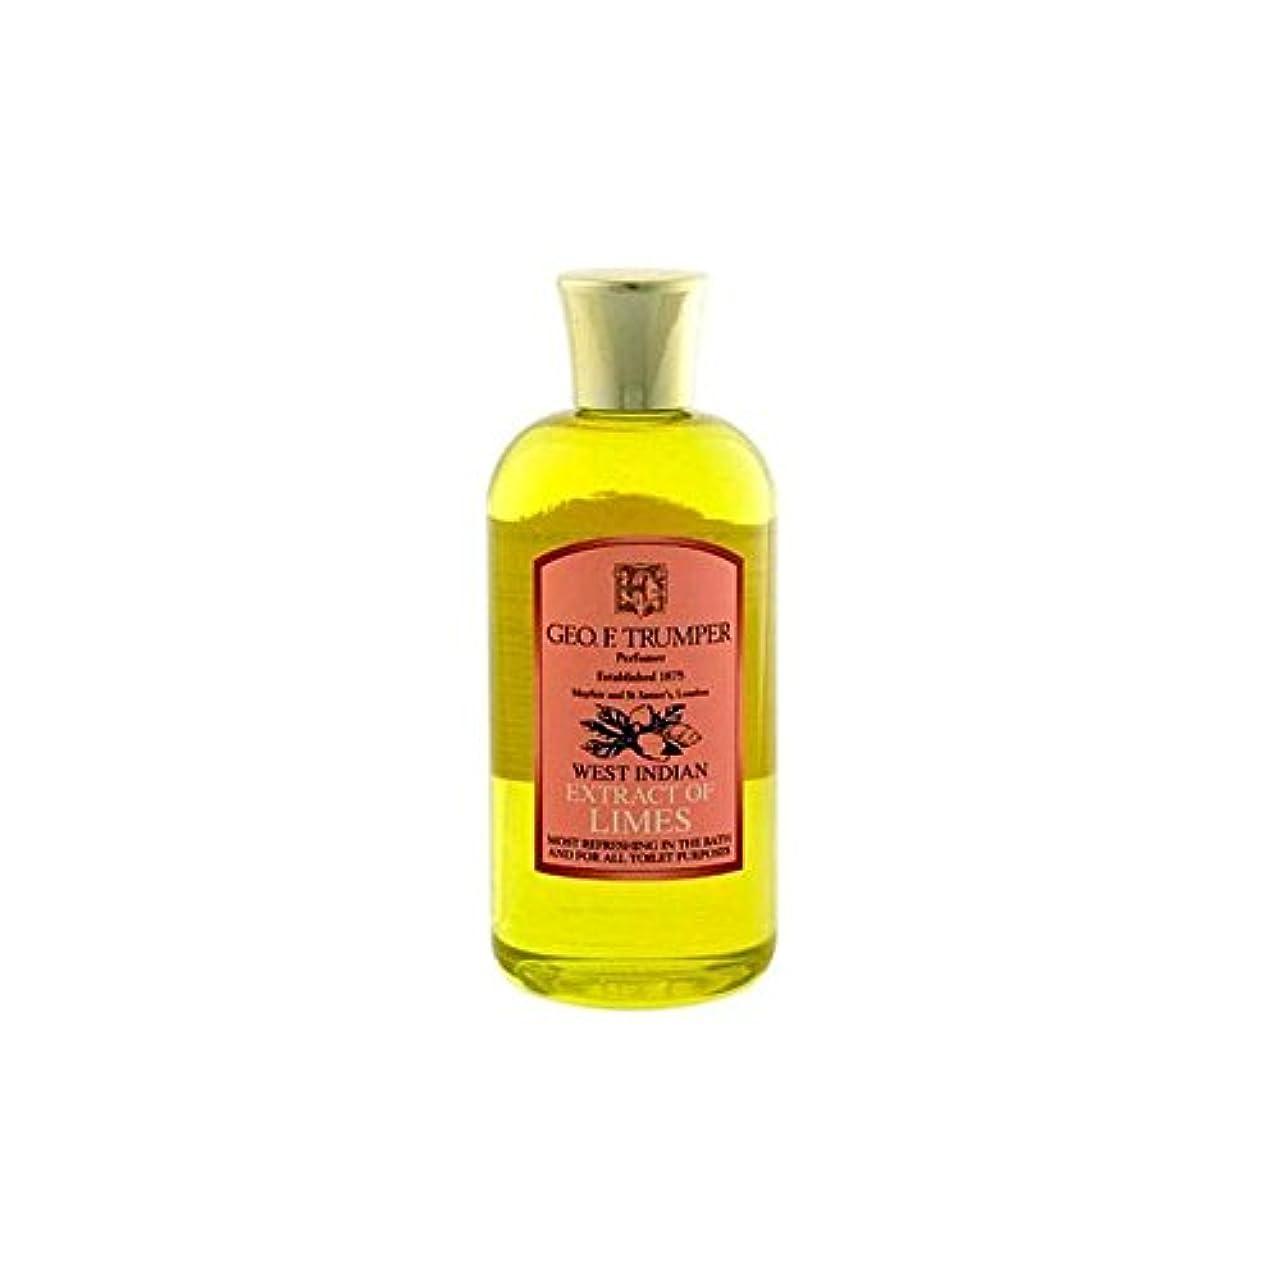 インディカ真鍮運河ライムのバスタブとシャワージェル200の抽出物を x2 - Trumpers Extracts of Limes Bath and Shower Gel 200ml (Pack of 2) [並行輸入品]